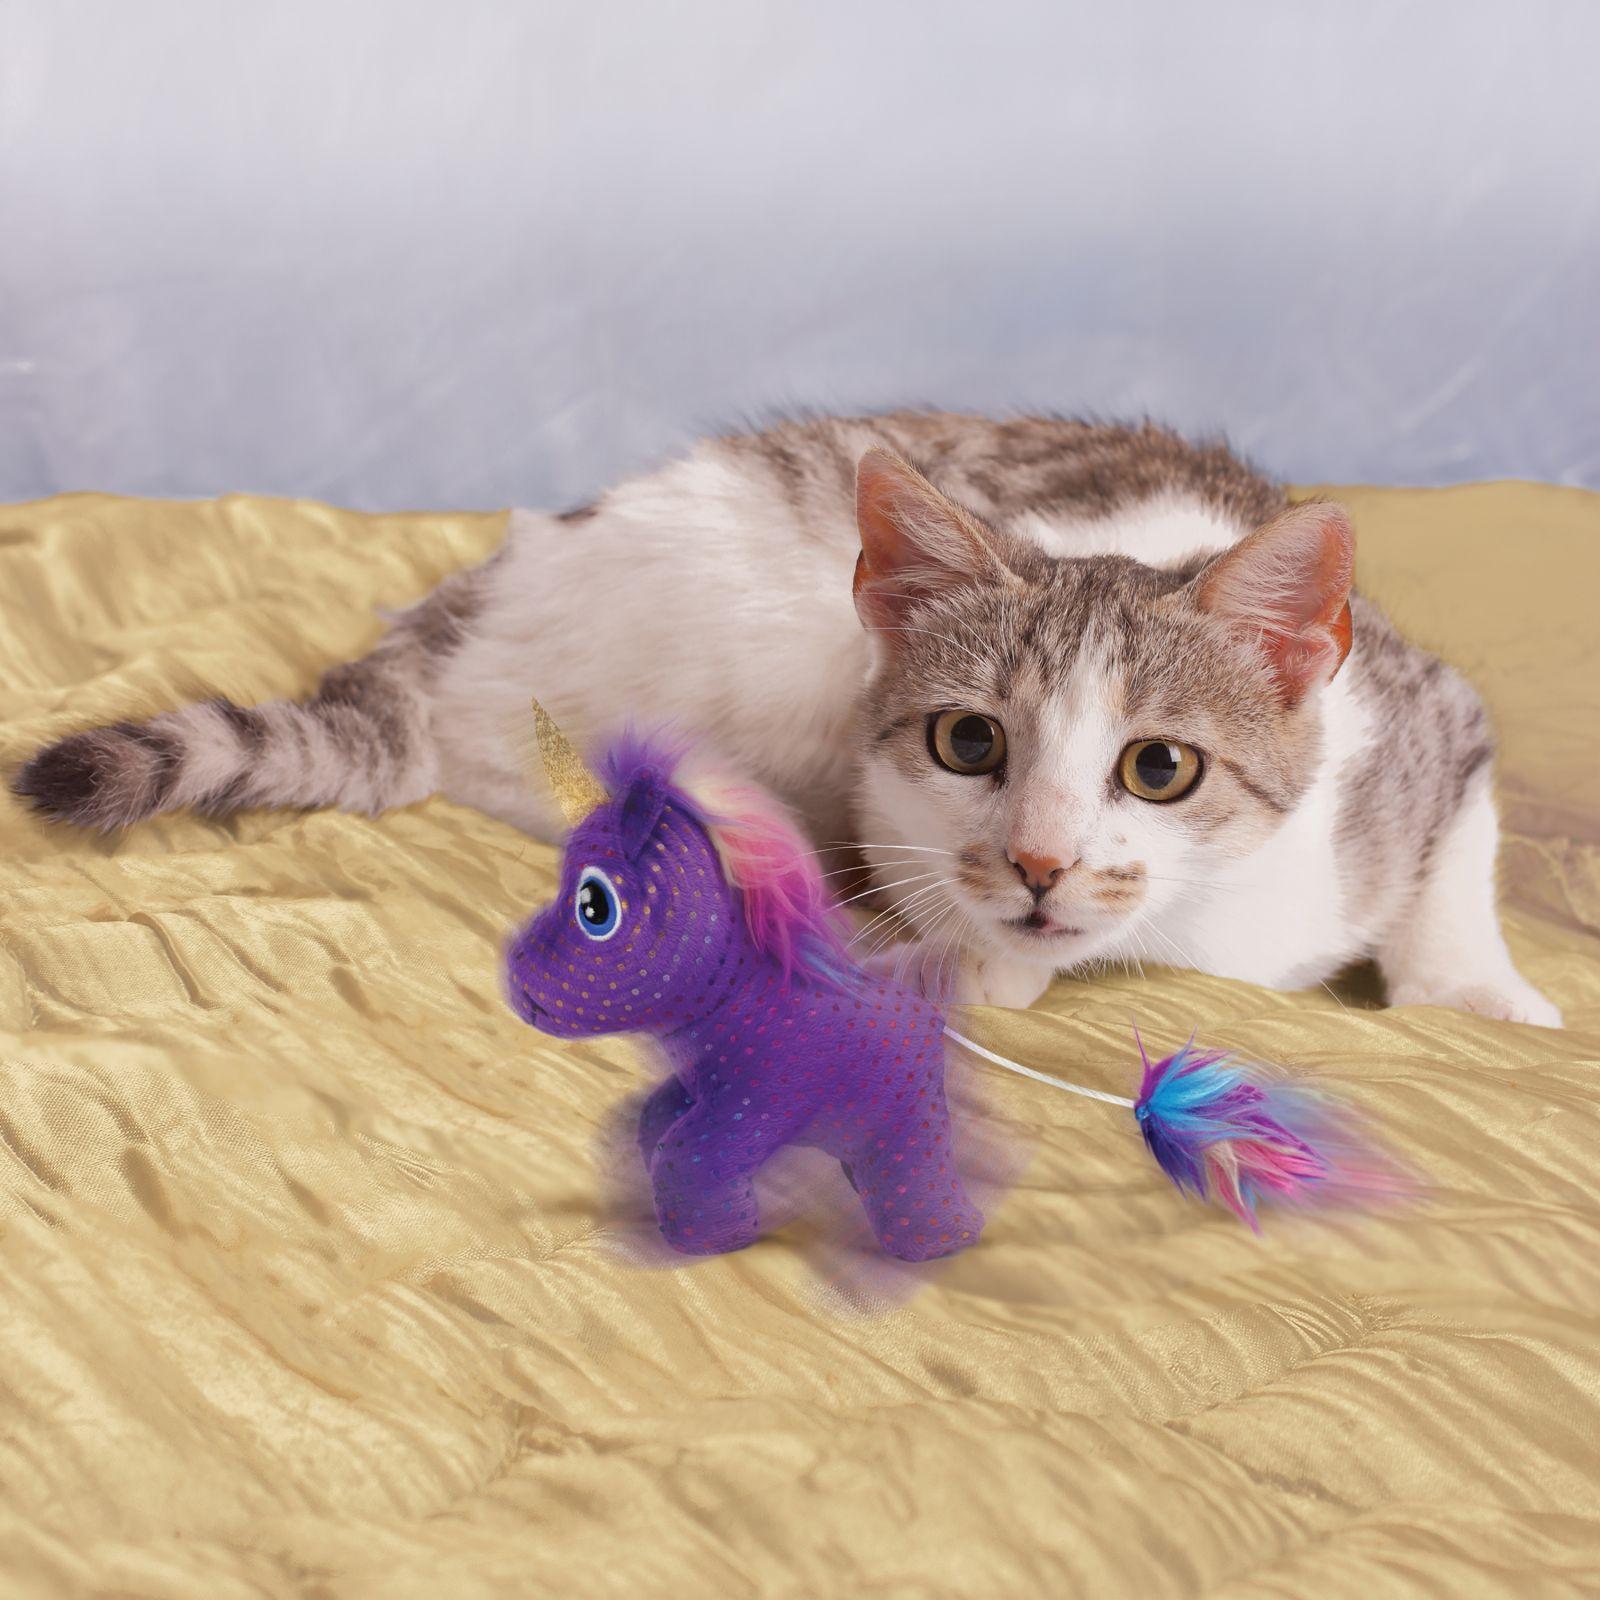 Brinquedo para gatos Pelúcia com catnip Unicórnio encantado